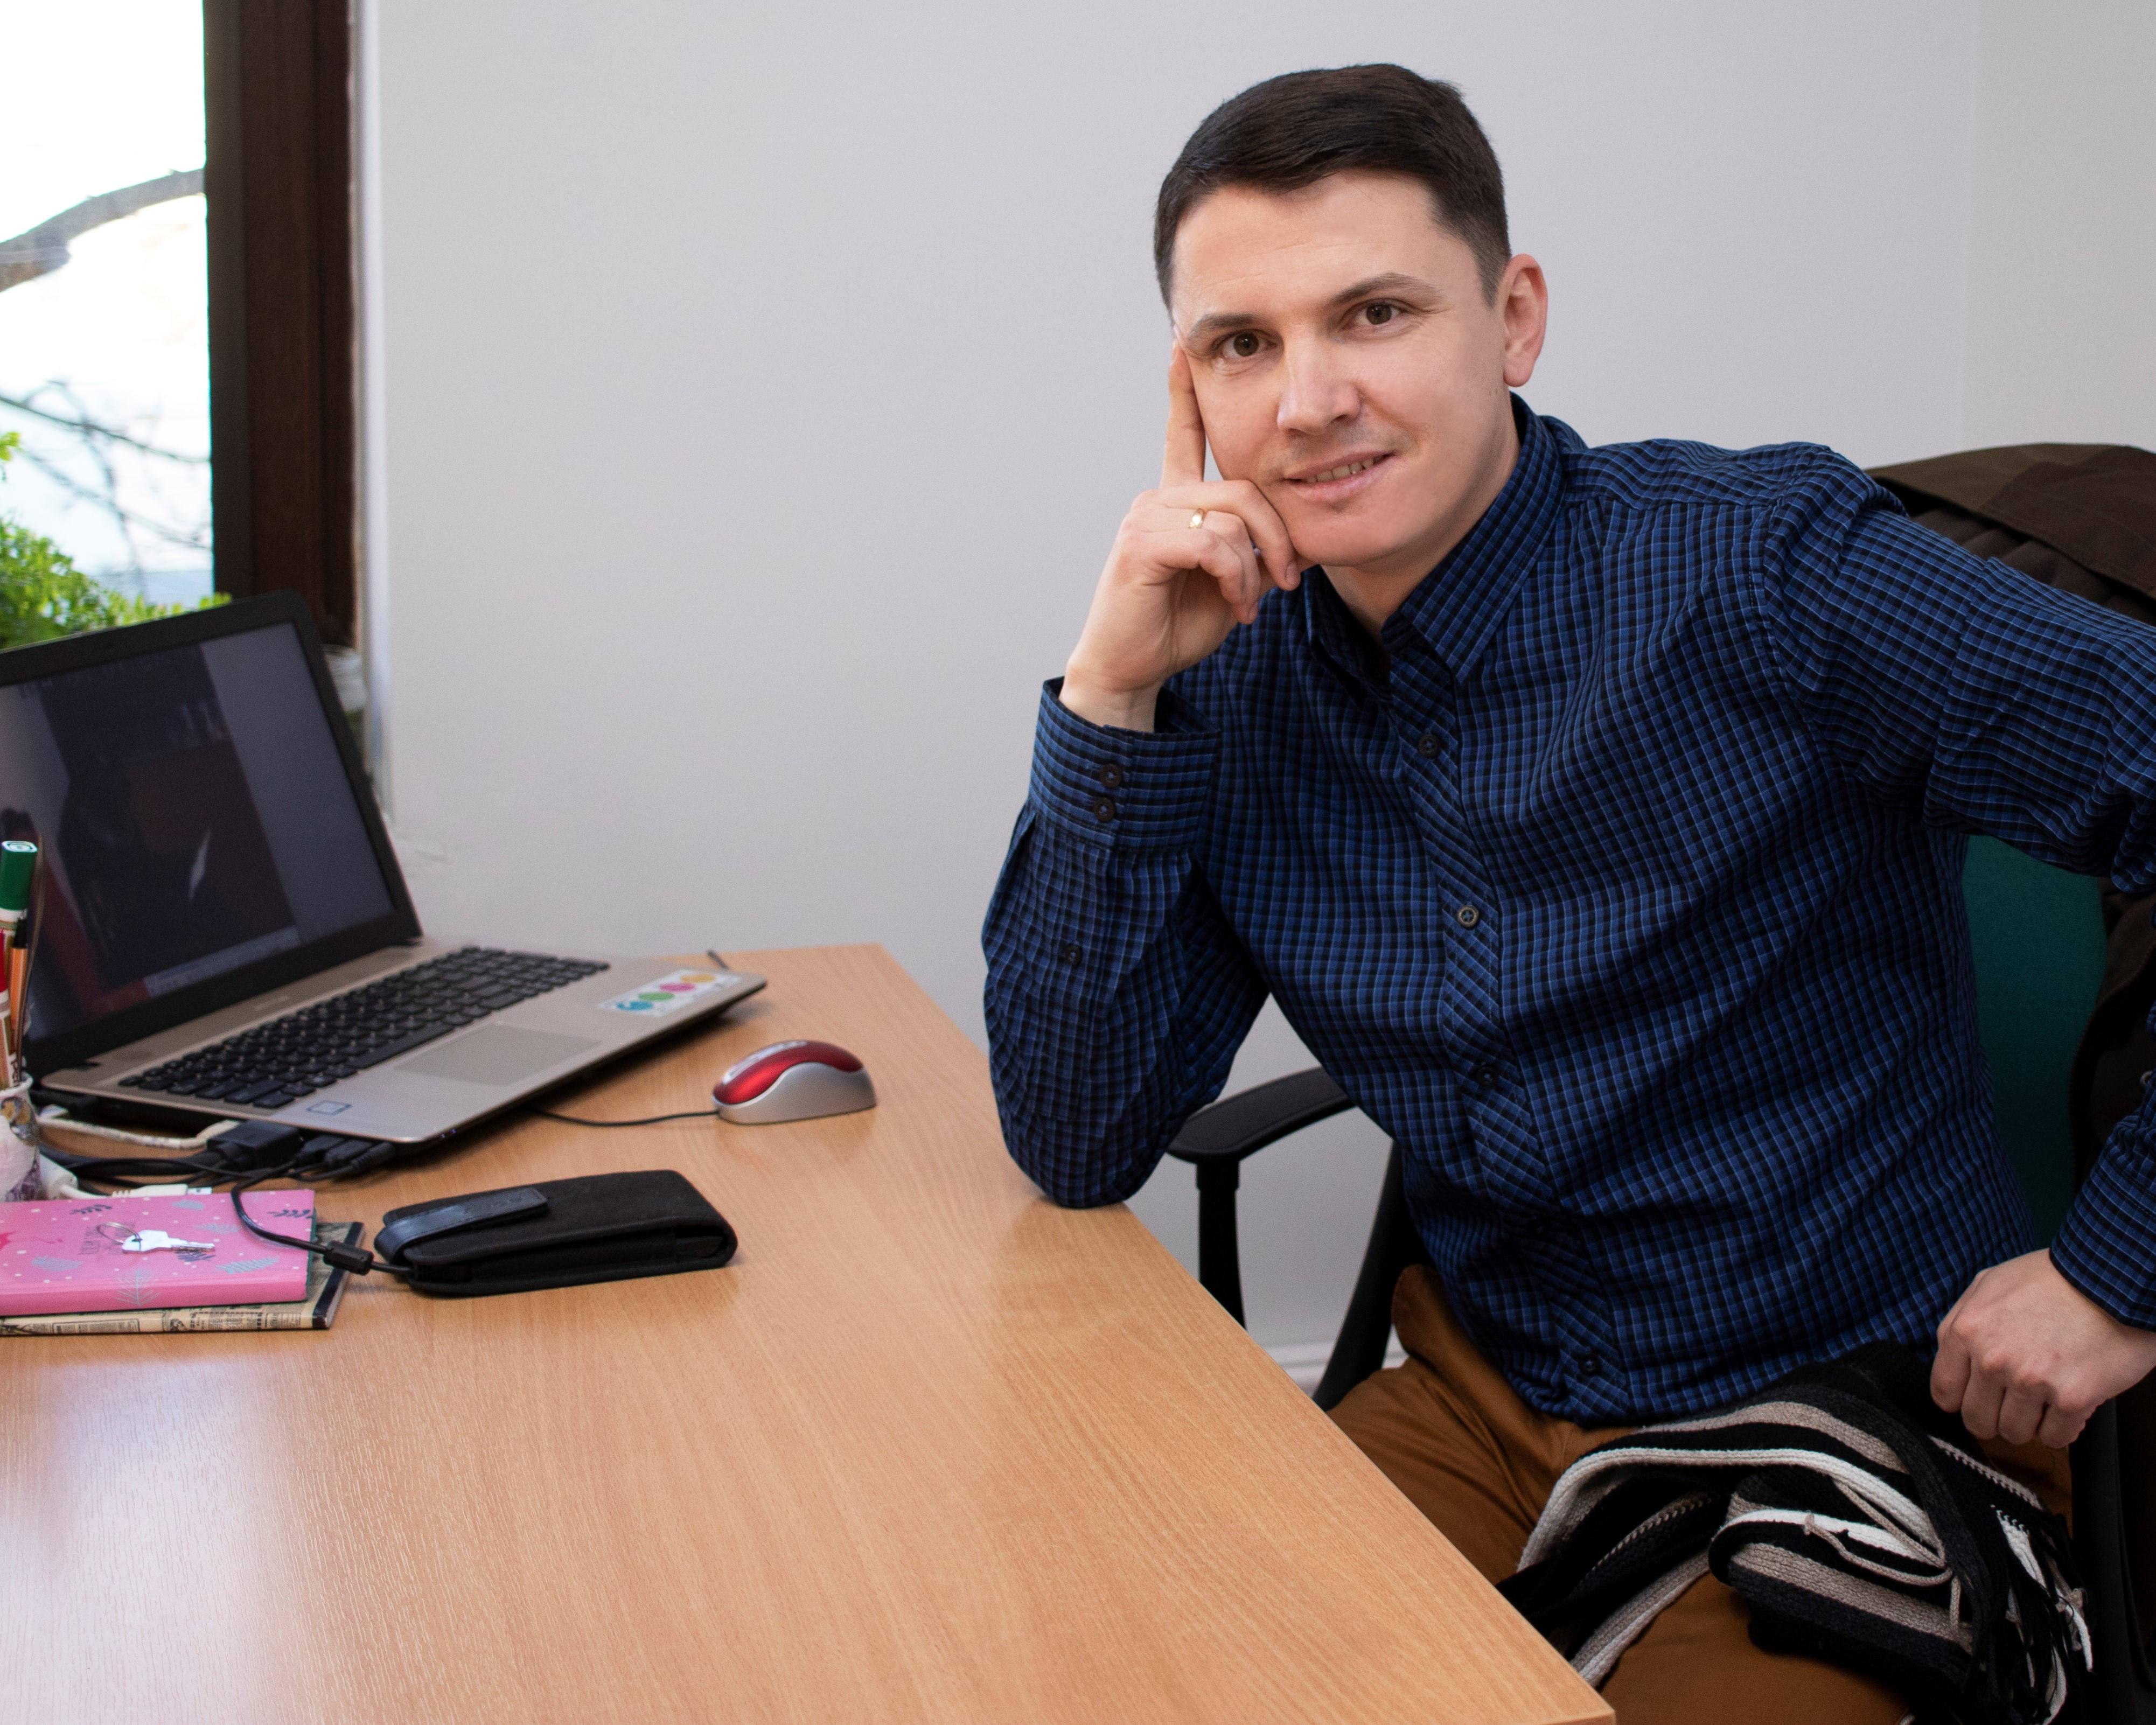 Tomasz Groch